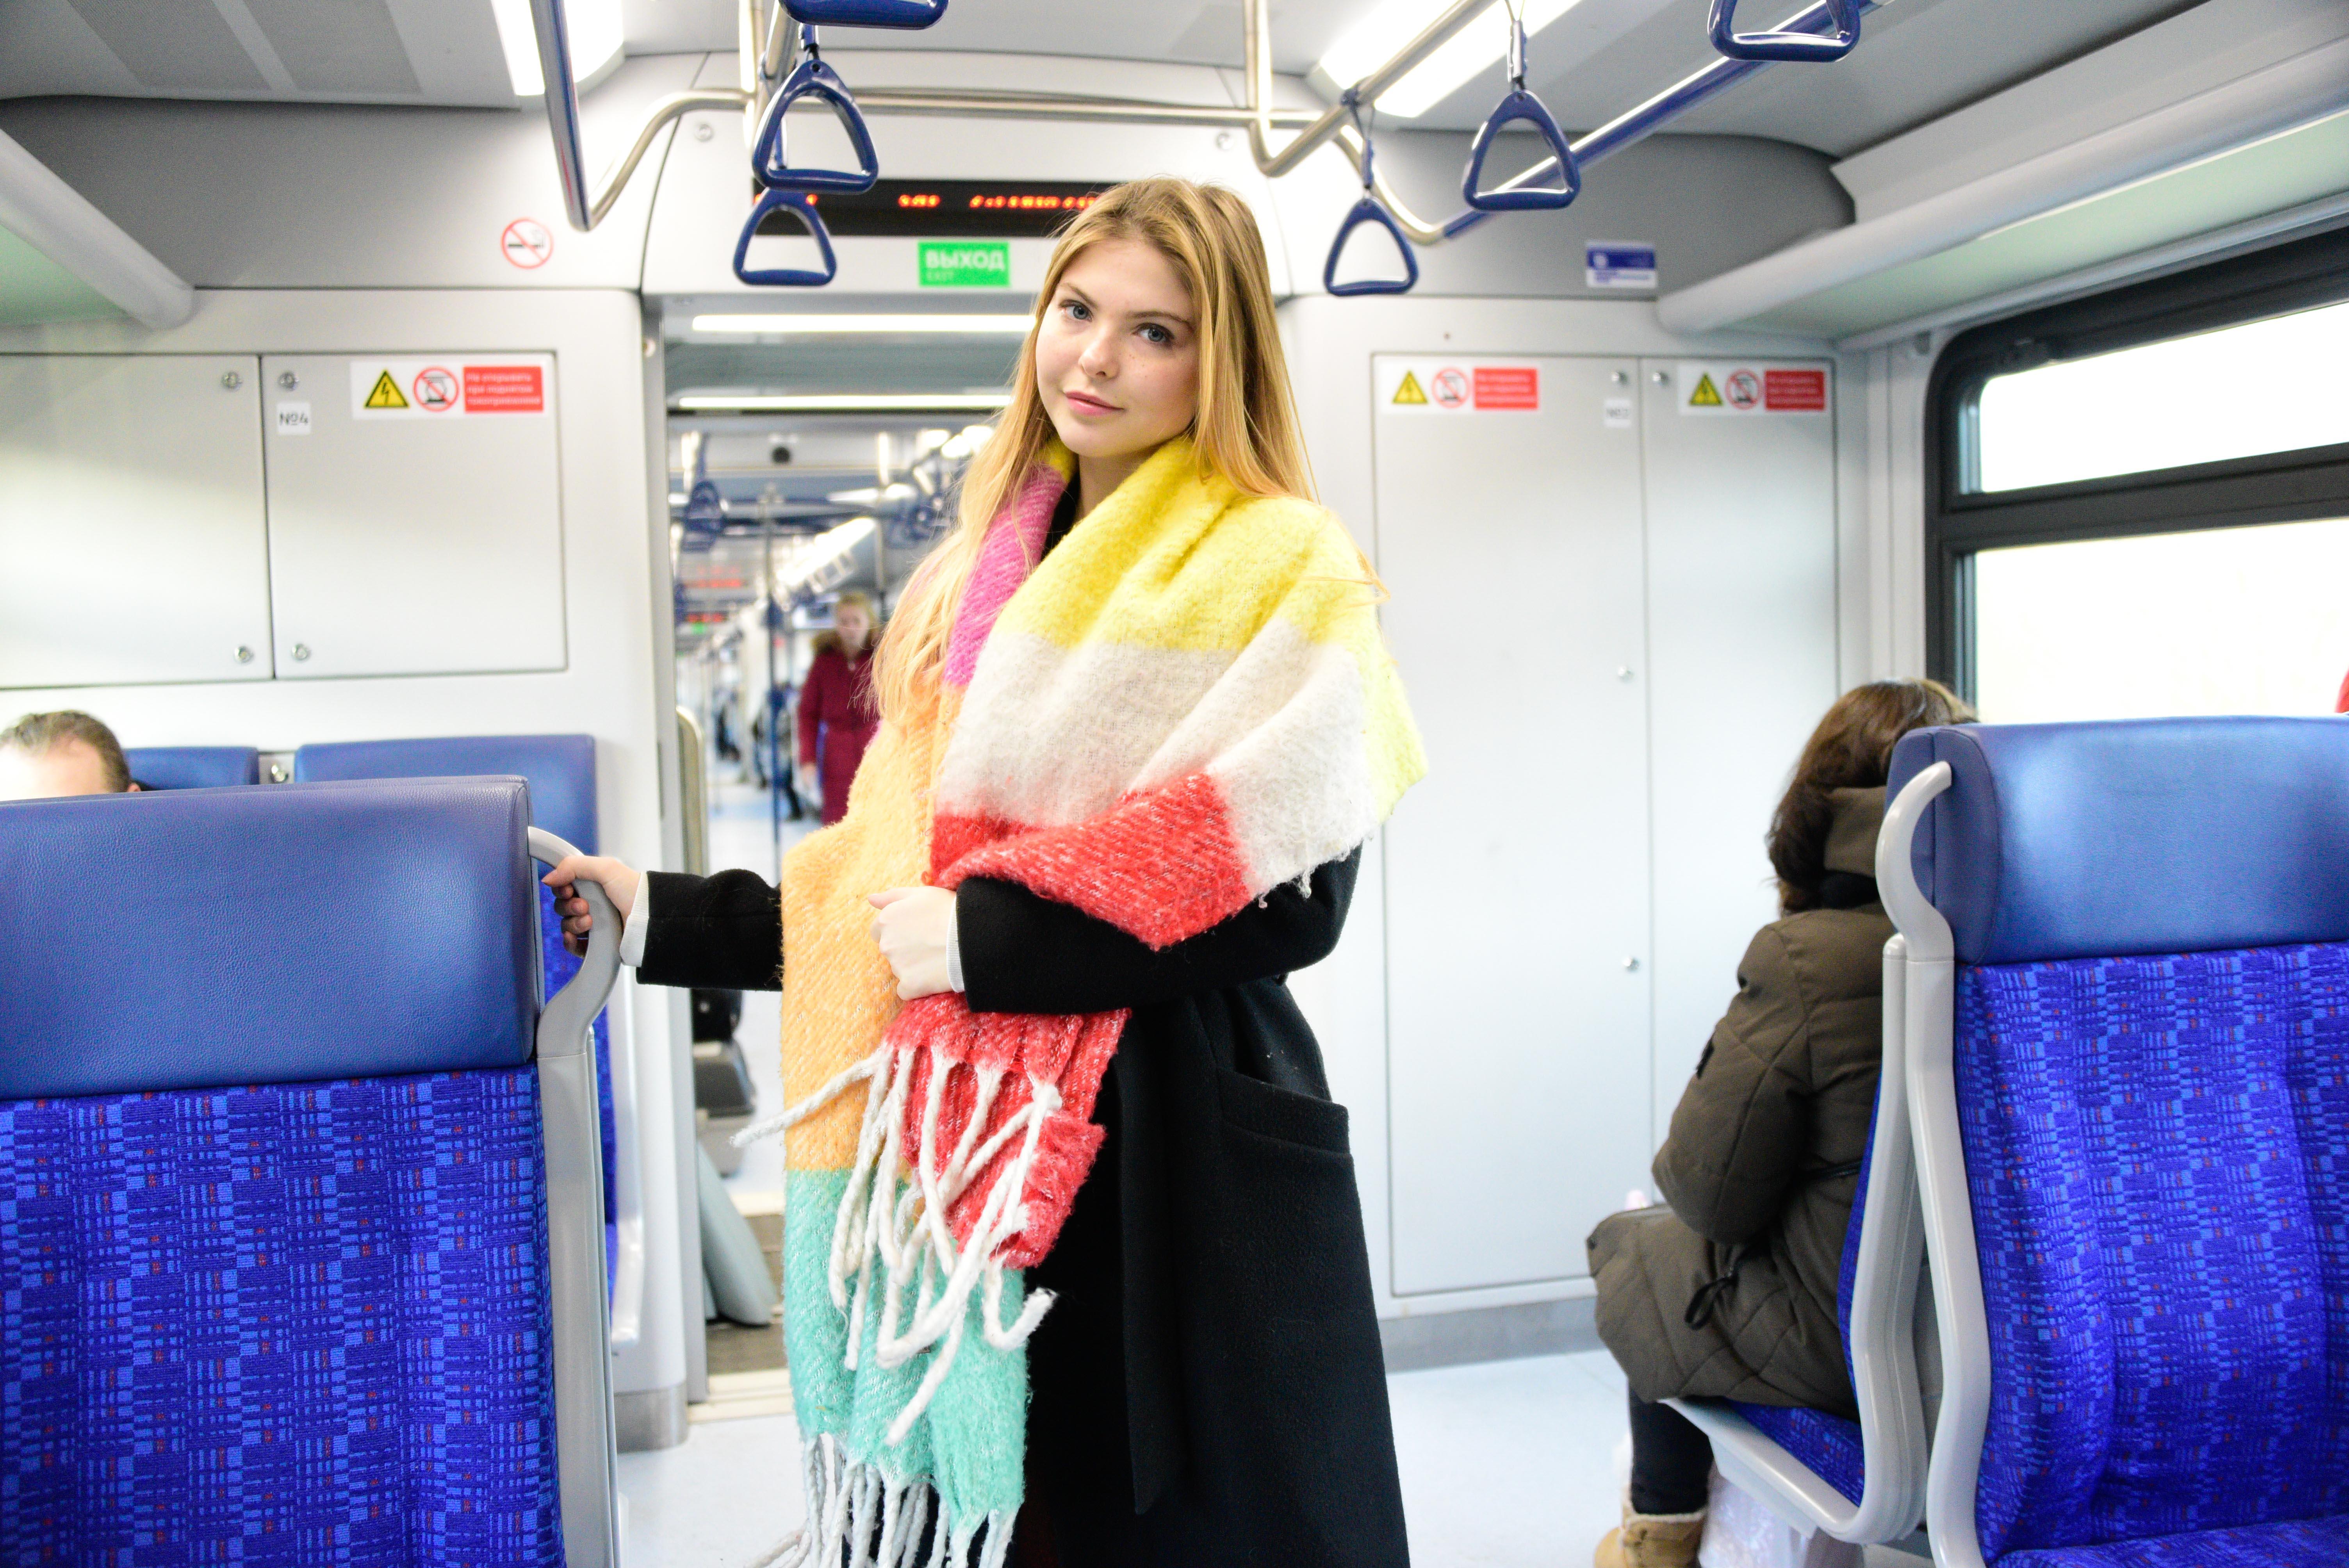 Пассажиры МЦД смогут сэкономить на оплате проезда до 7 млрд рублей в год